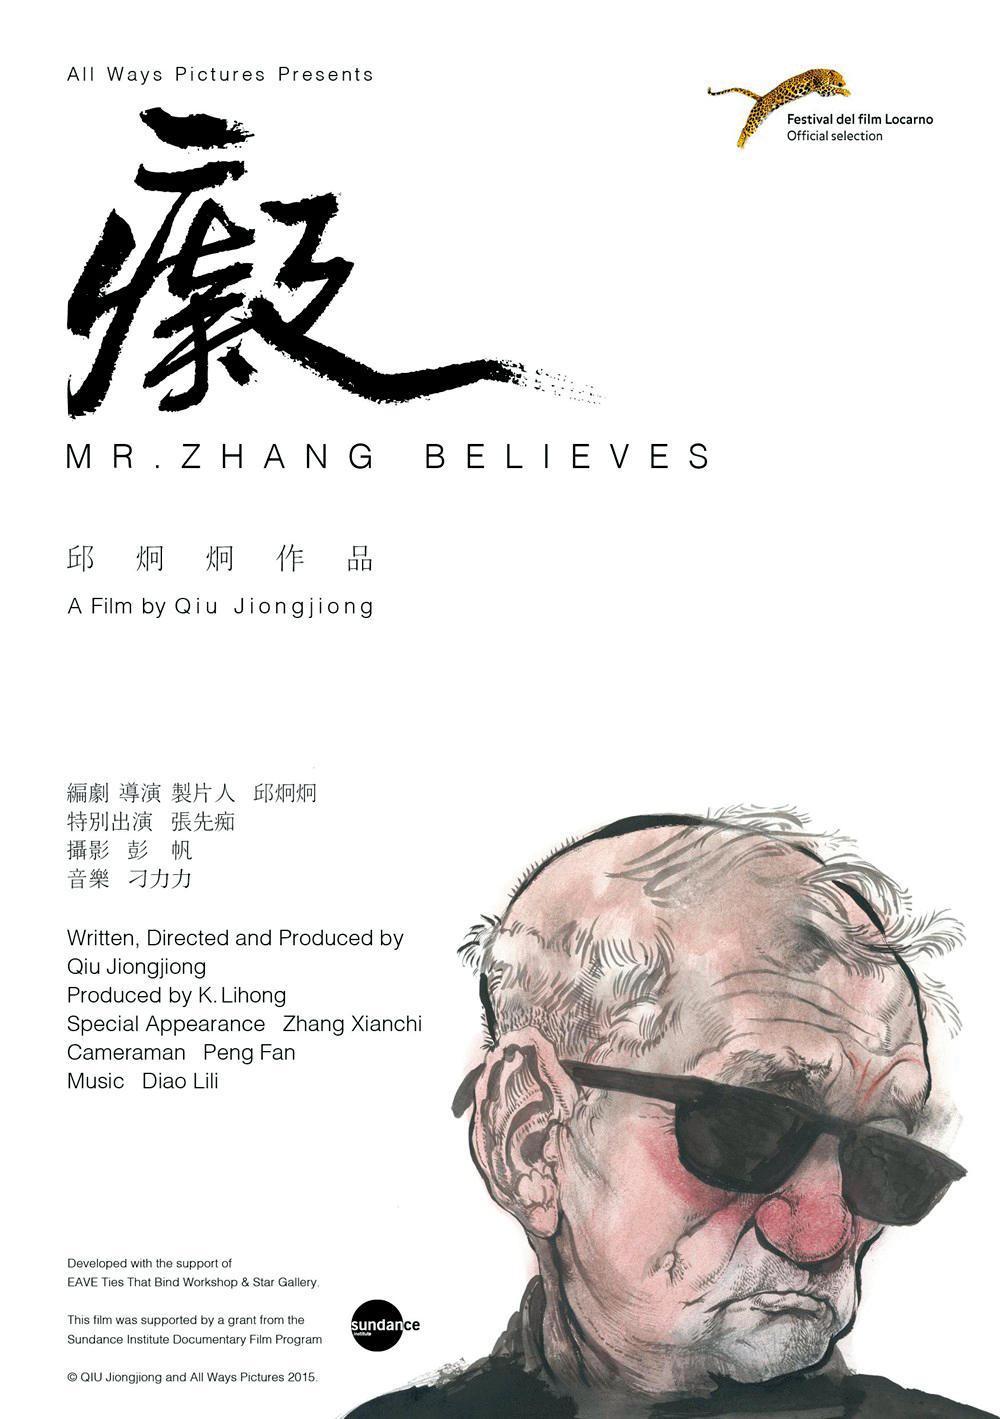 王子劍參與邱炯炯執導的作品《癡》,因此想開公司,更有系統地做獨立電影。(翻攝自網路)